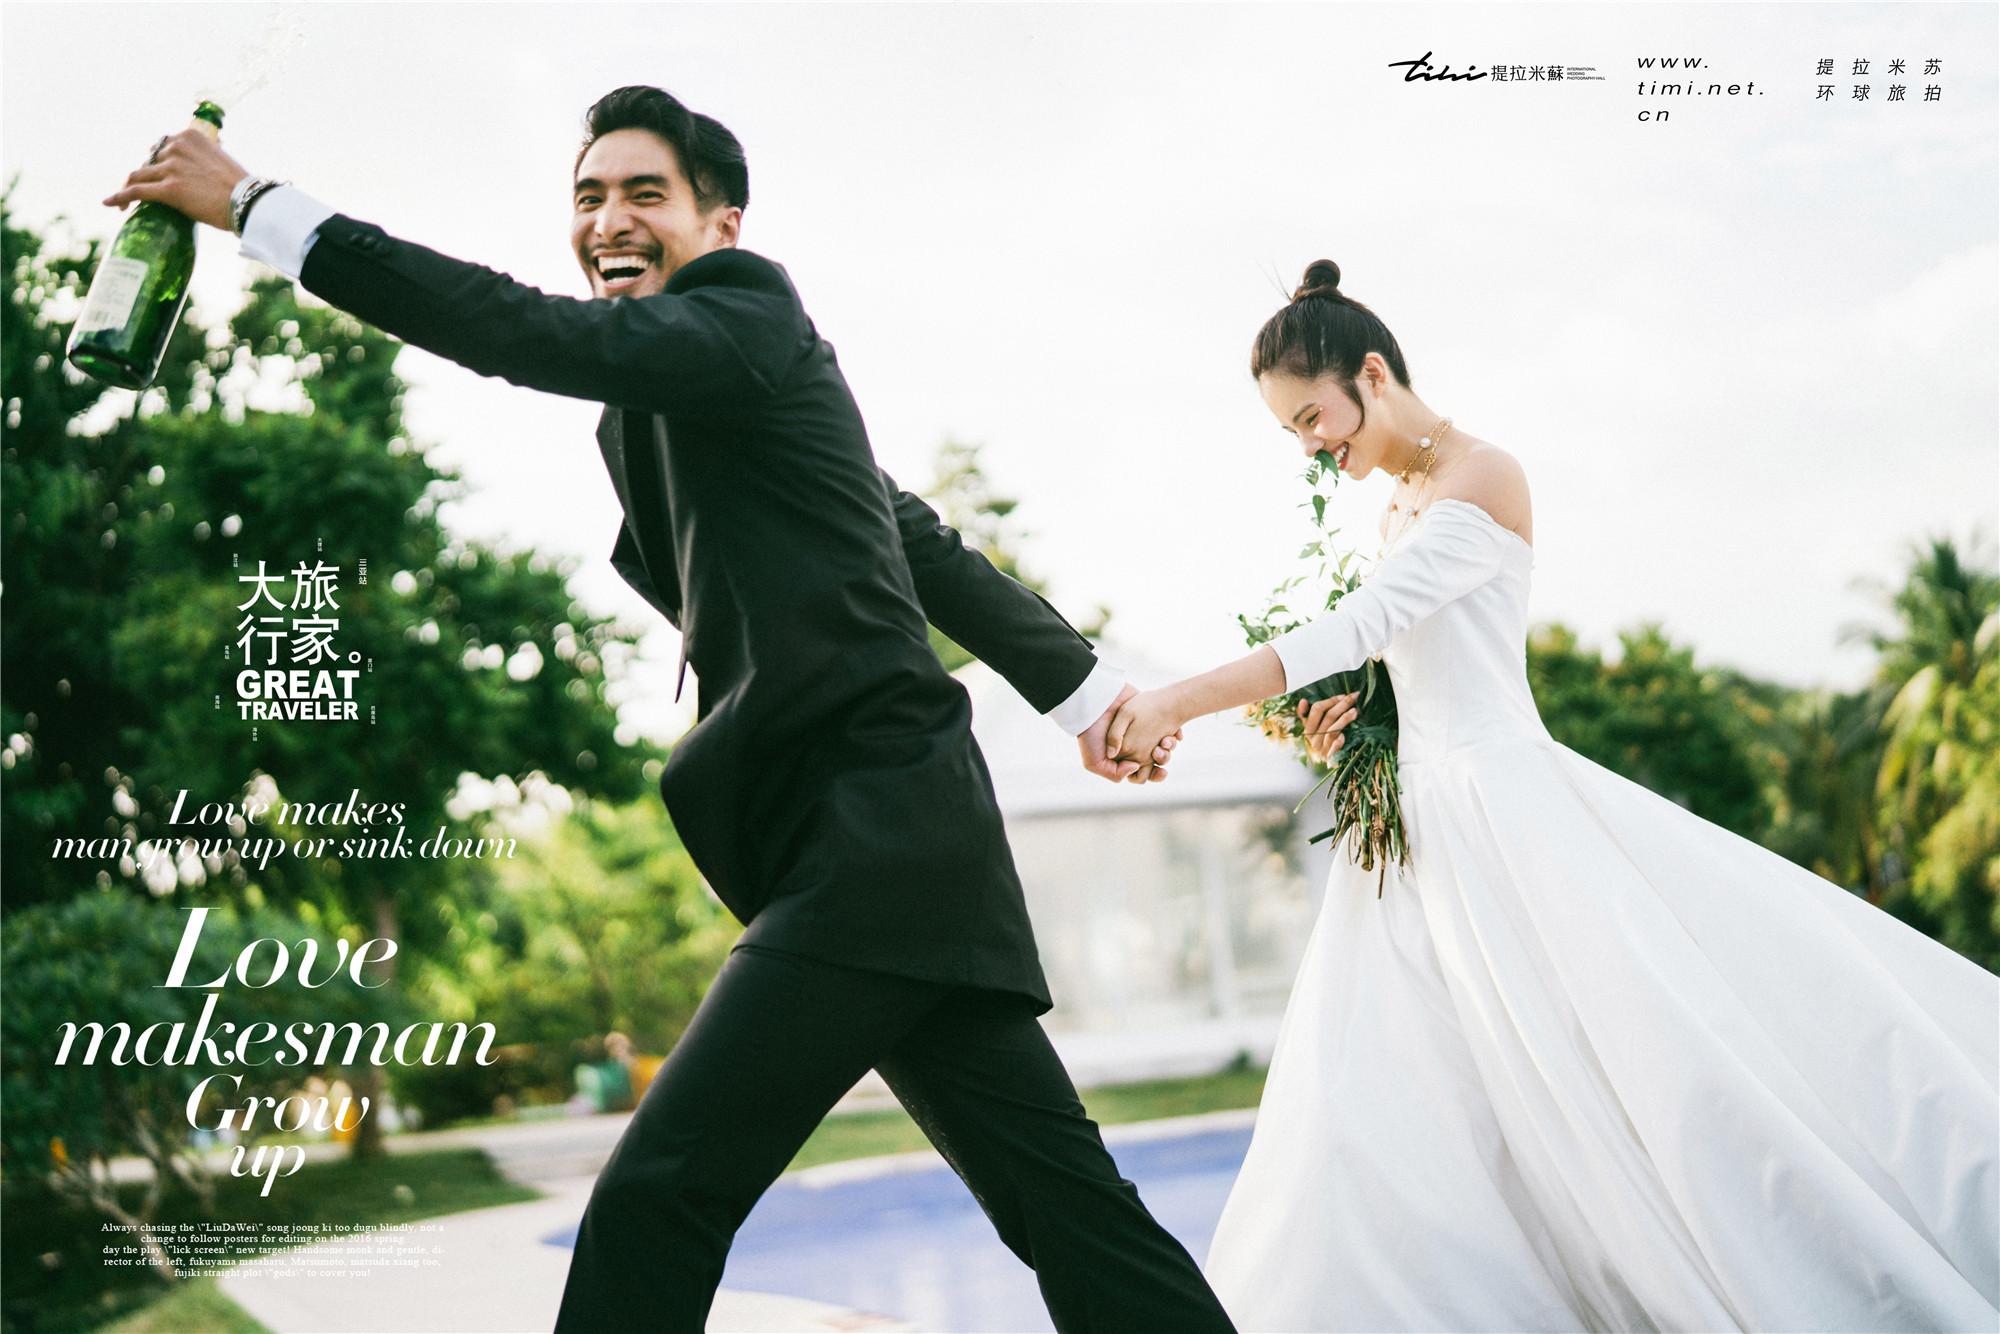 巴厘岛如何选实力靠谱婚纱摄影